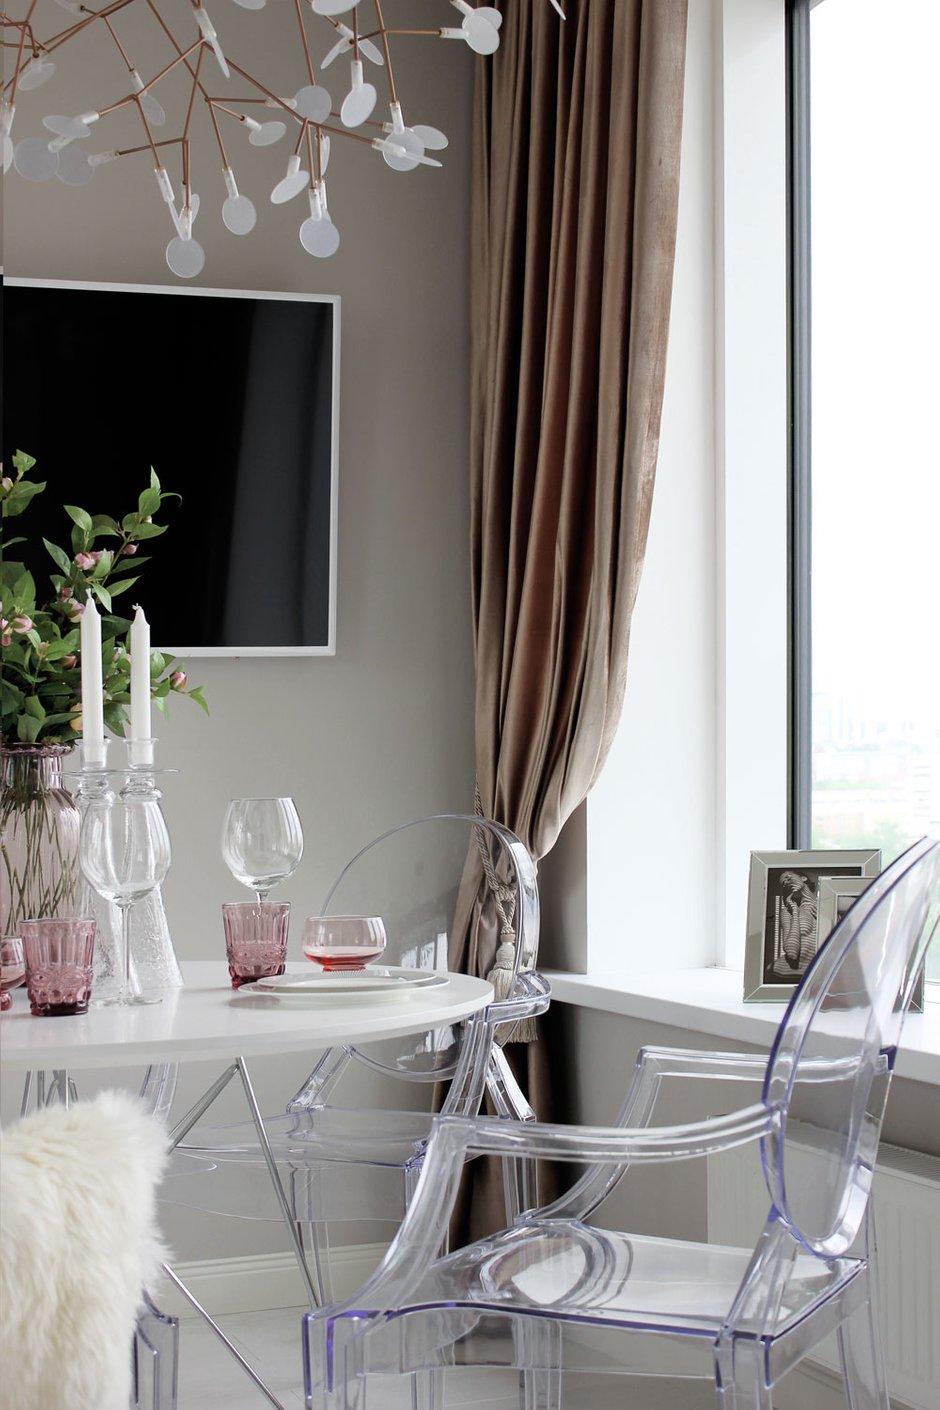 Фотография: Кухня и столовая в стиле Современный, Классический, Квартира, Проект недели, Екатеринбург, Монолитный дом, 3 комнаты, Более 90 метров, MEDIANA interiors – фото на INMYROOM